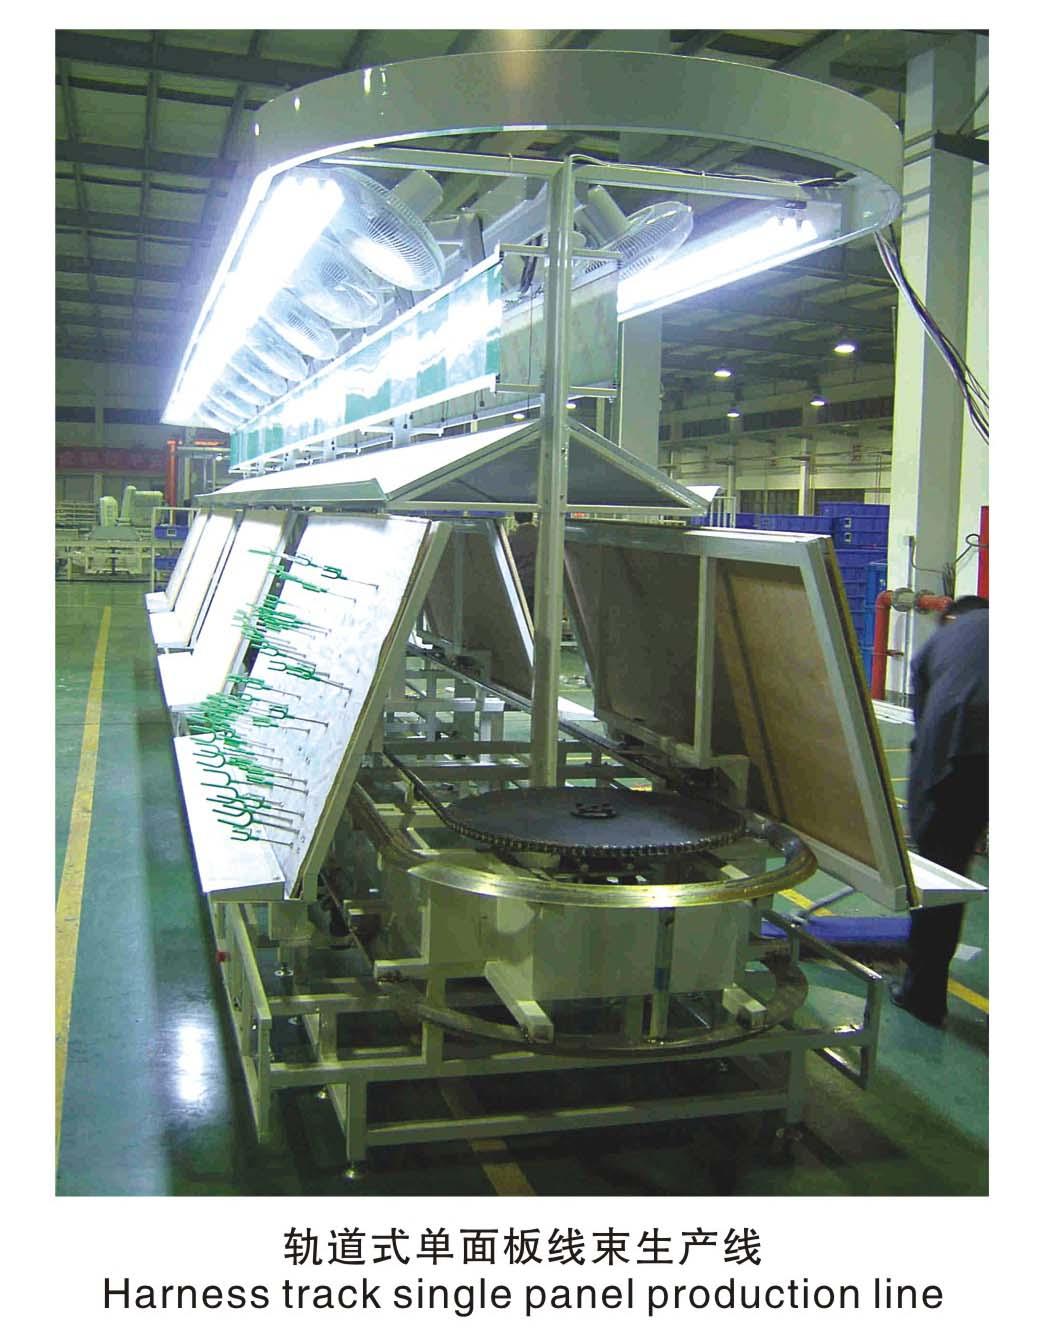 成都軌道式單麵板線束生產線